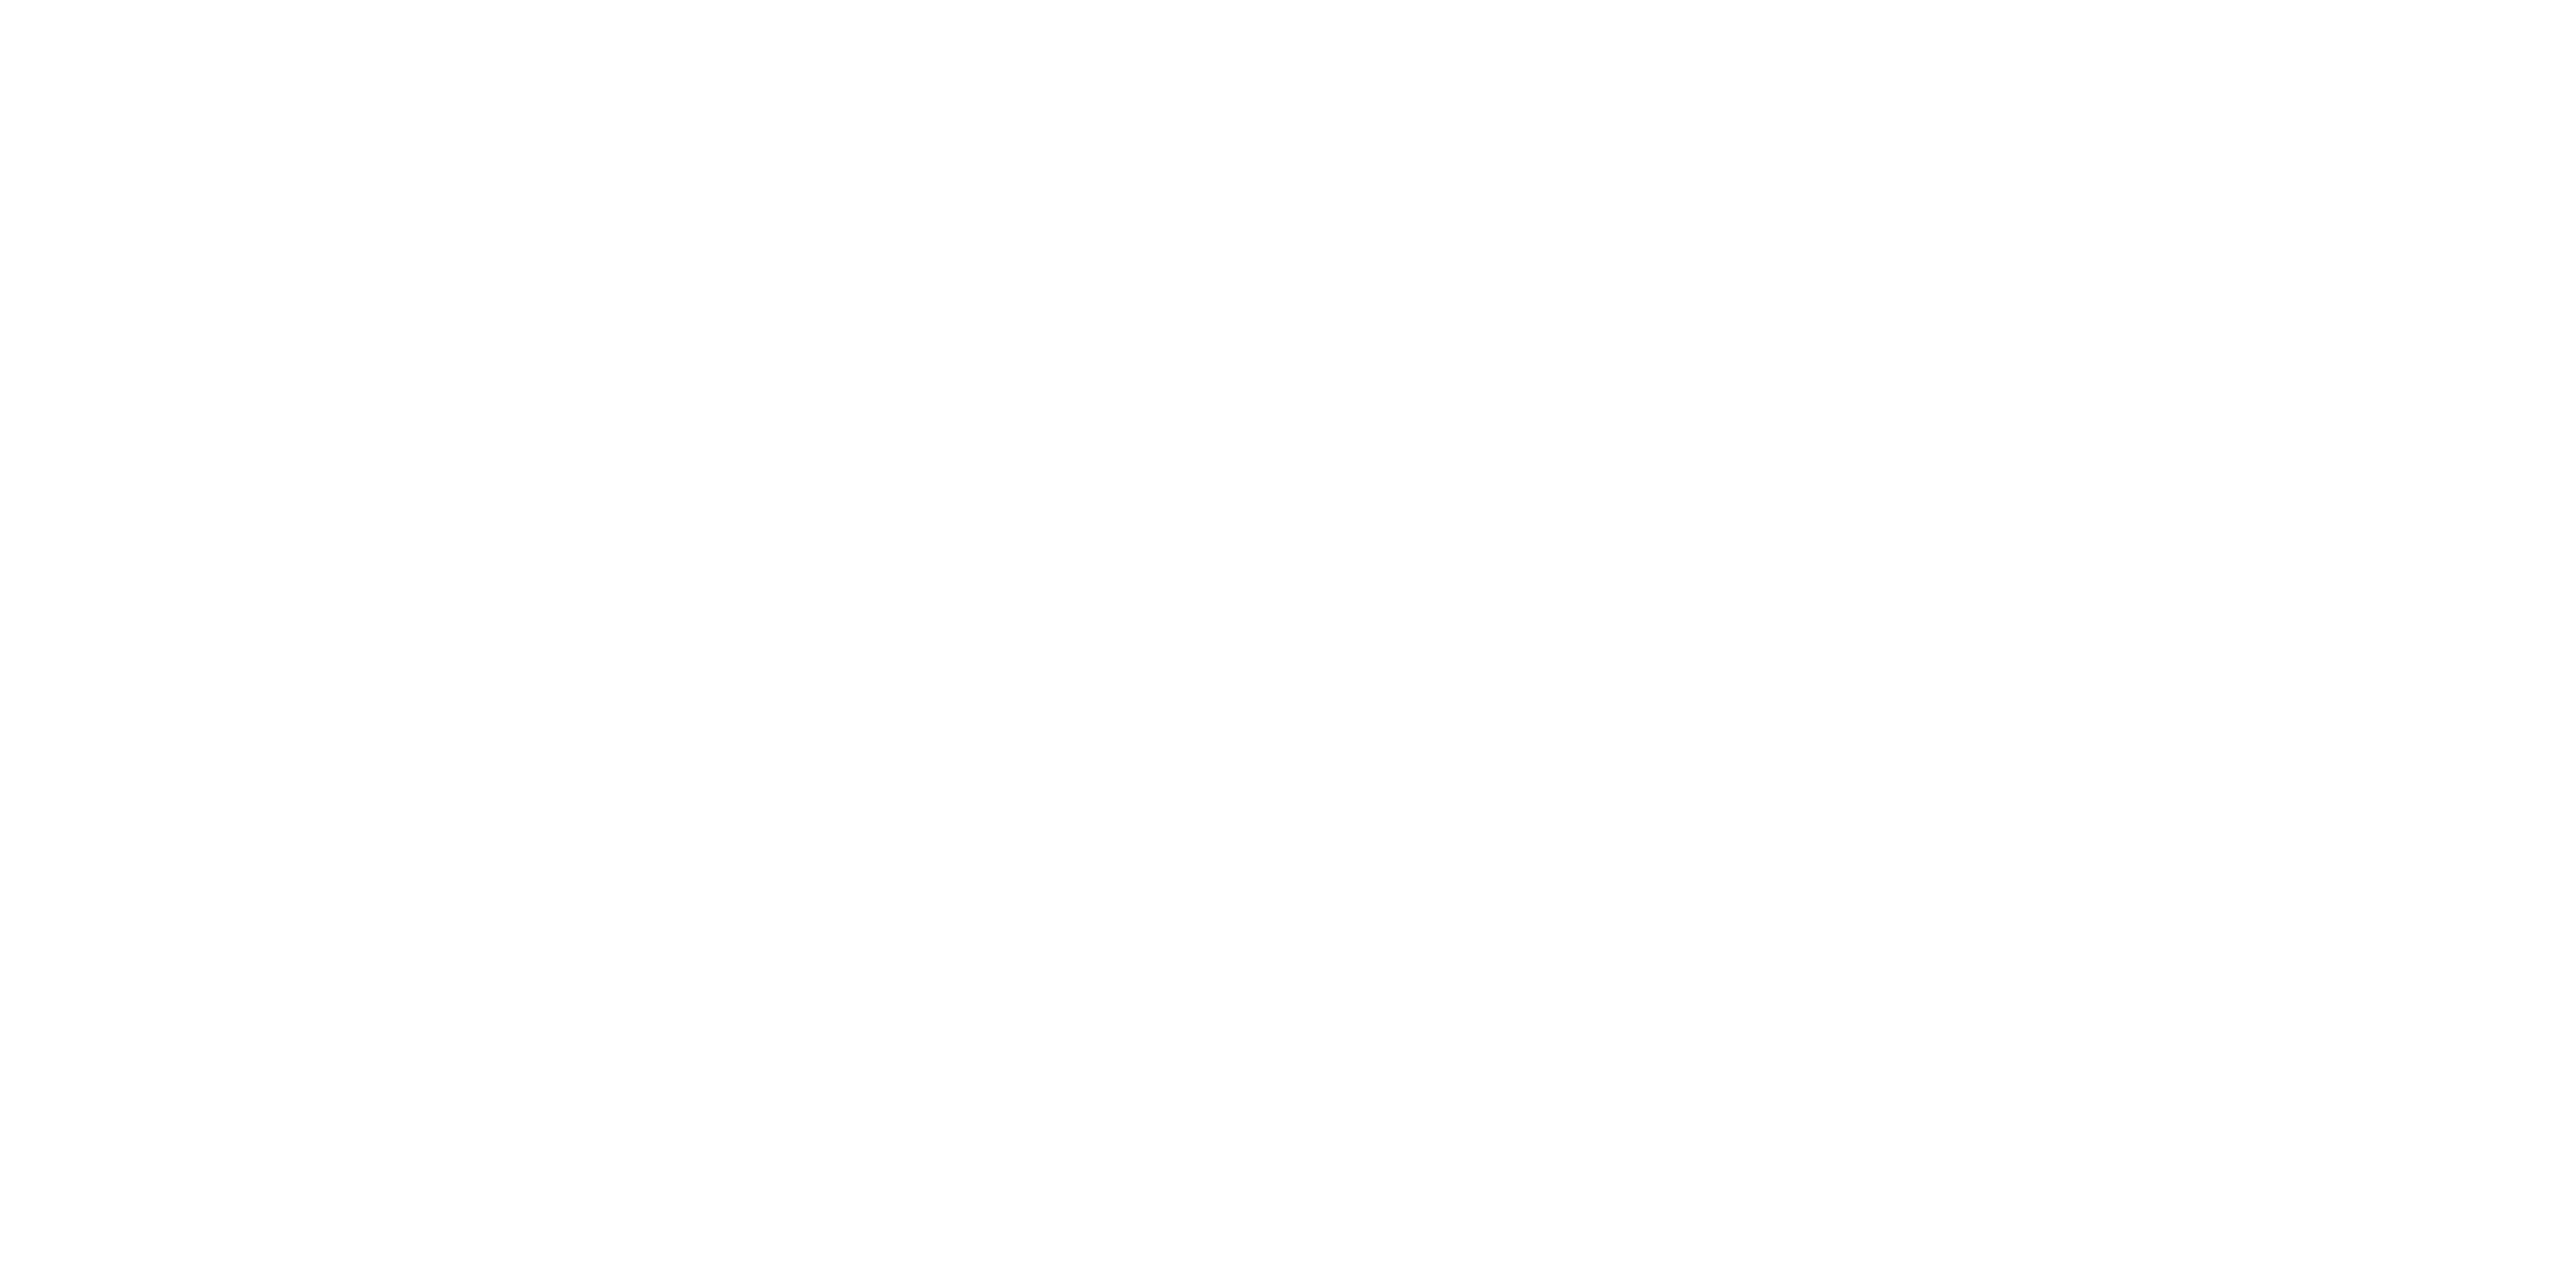 لامپا